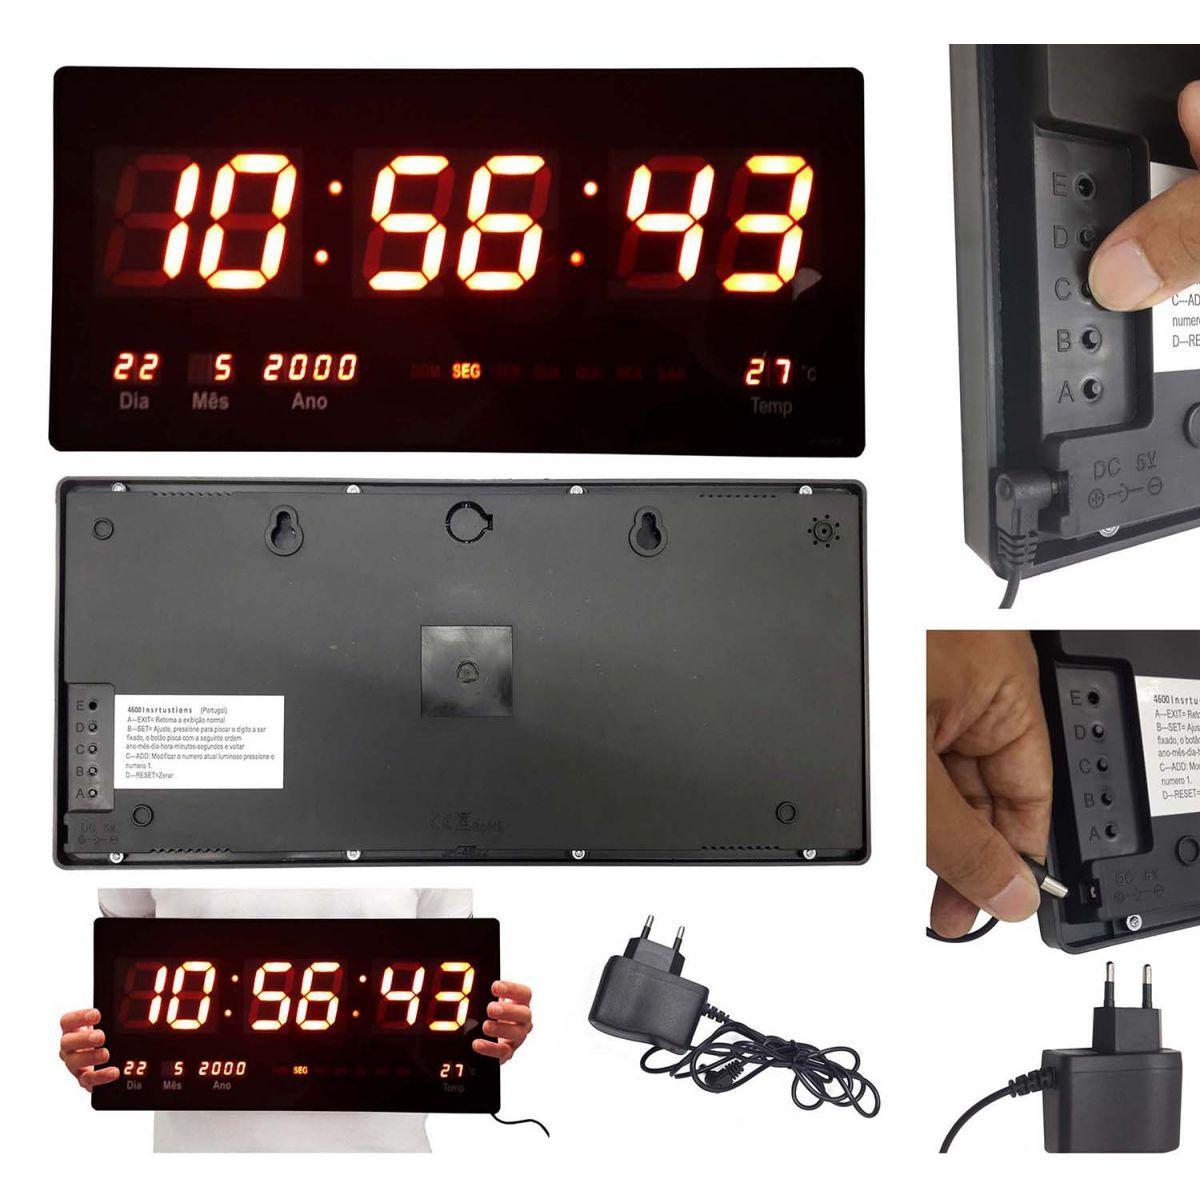 a17bff496a7 ... Relogio Digital Parede De Led Vermelho Alarme Data Hora Termo (REL-54)  ...